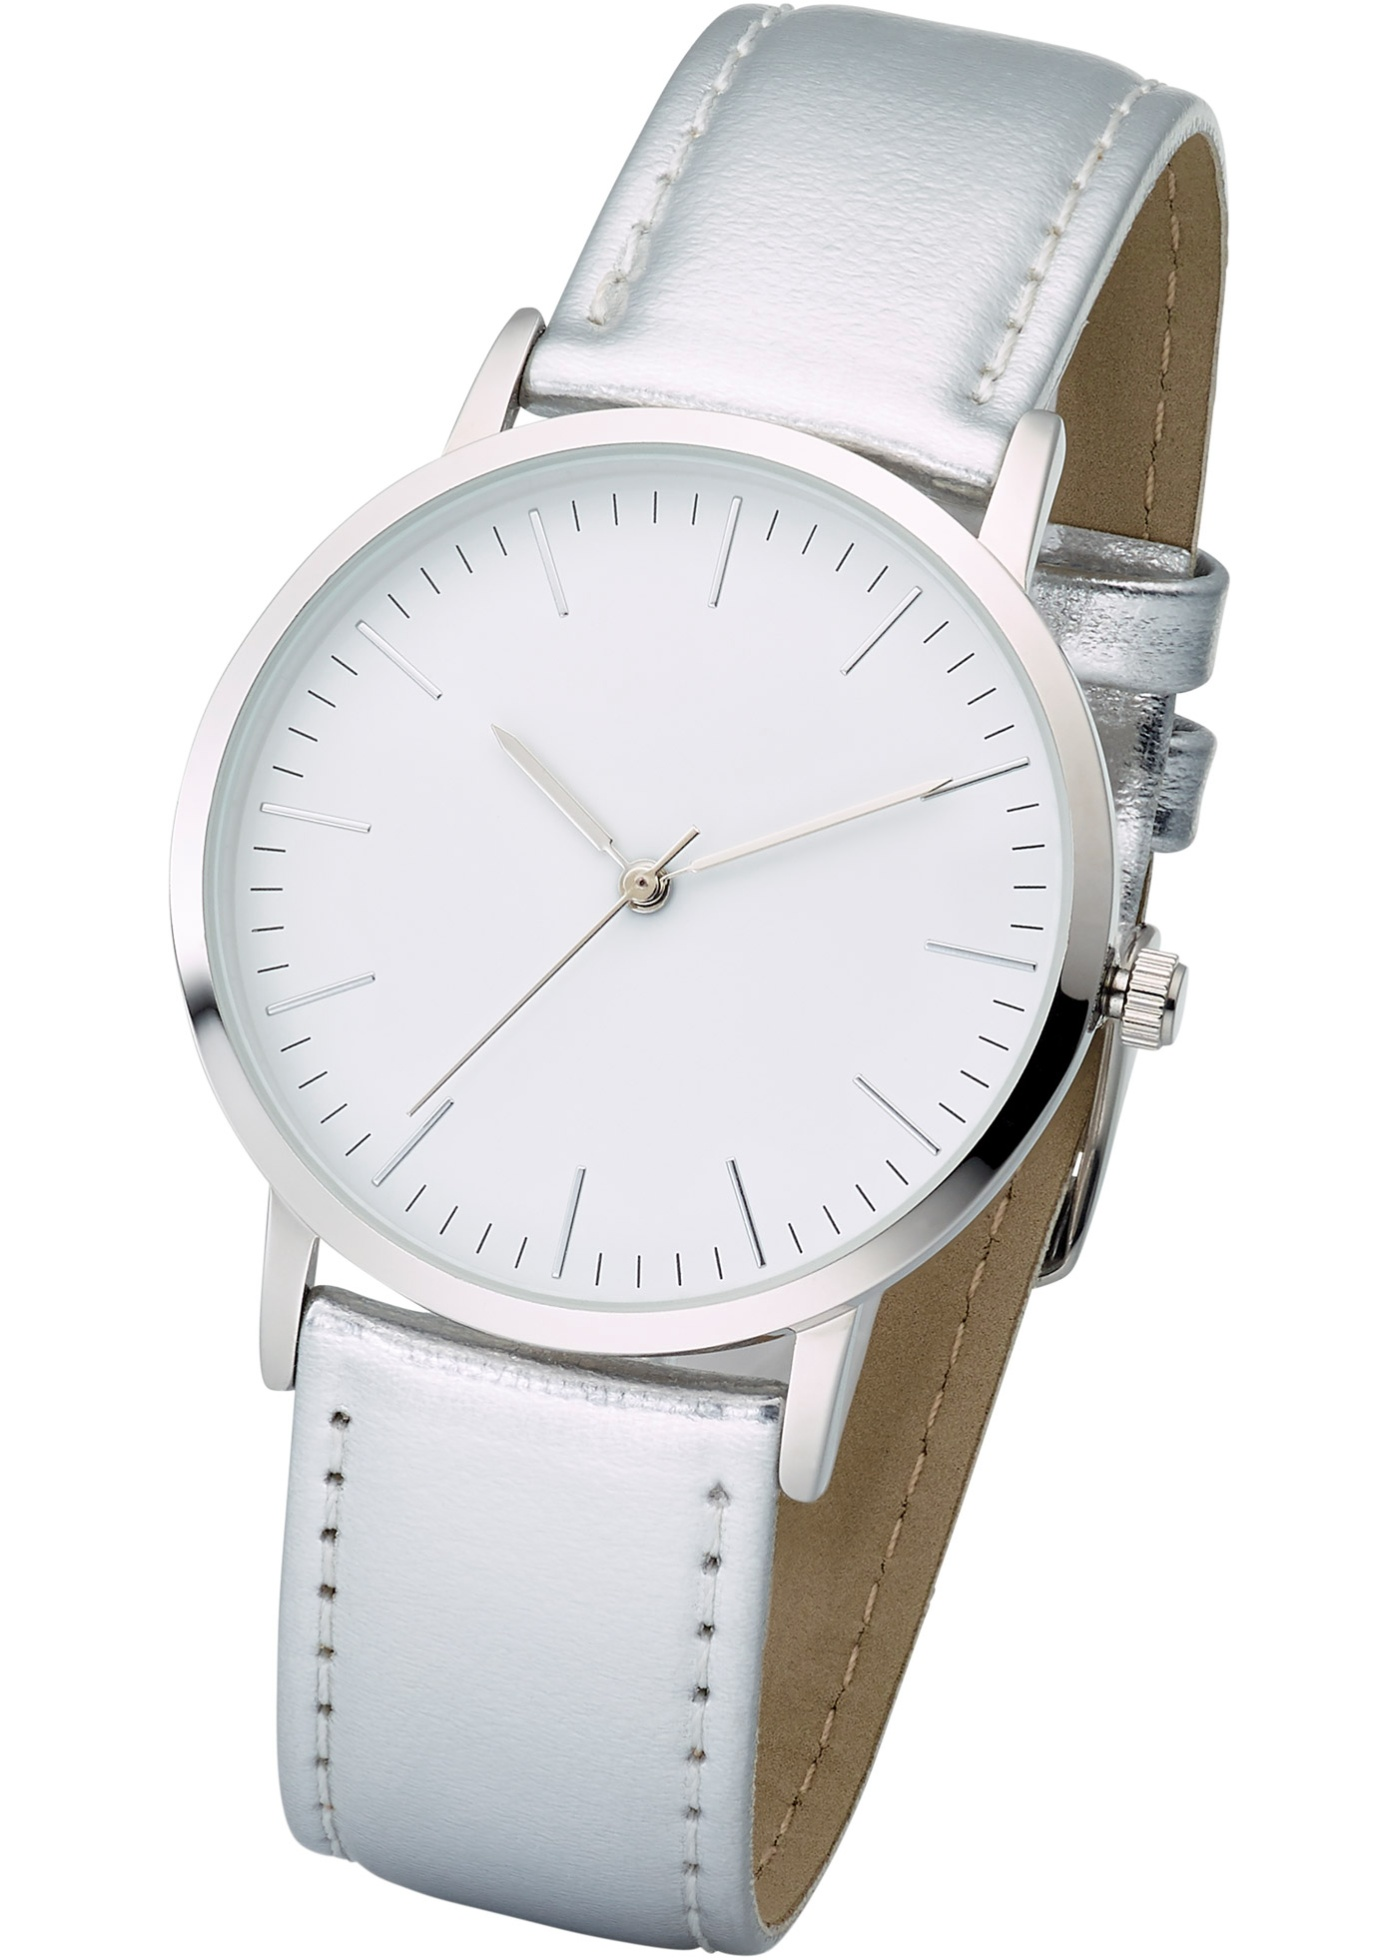 Cette montre sobre et moderne à la fois est un accessoire mode pour tous les jours. Largeur bracelet : env. 1,5 cm ; diamètre : env. 3,3 cm. Prix comprenant éco-participation (F)=0,01€ ou recupel (B) =0,05€.